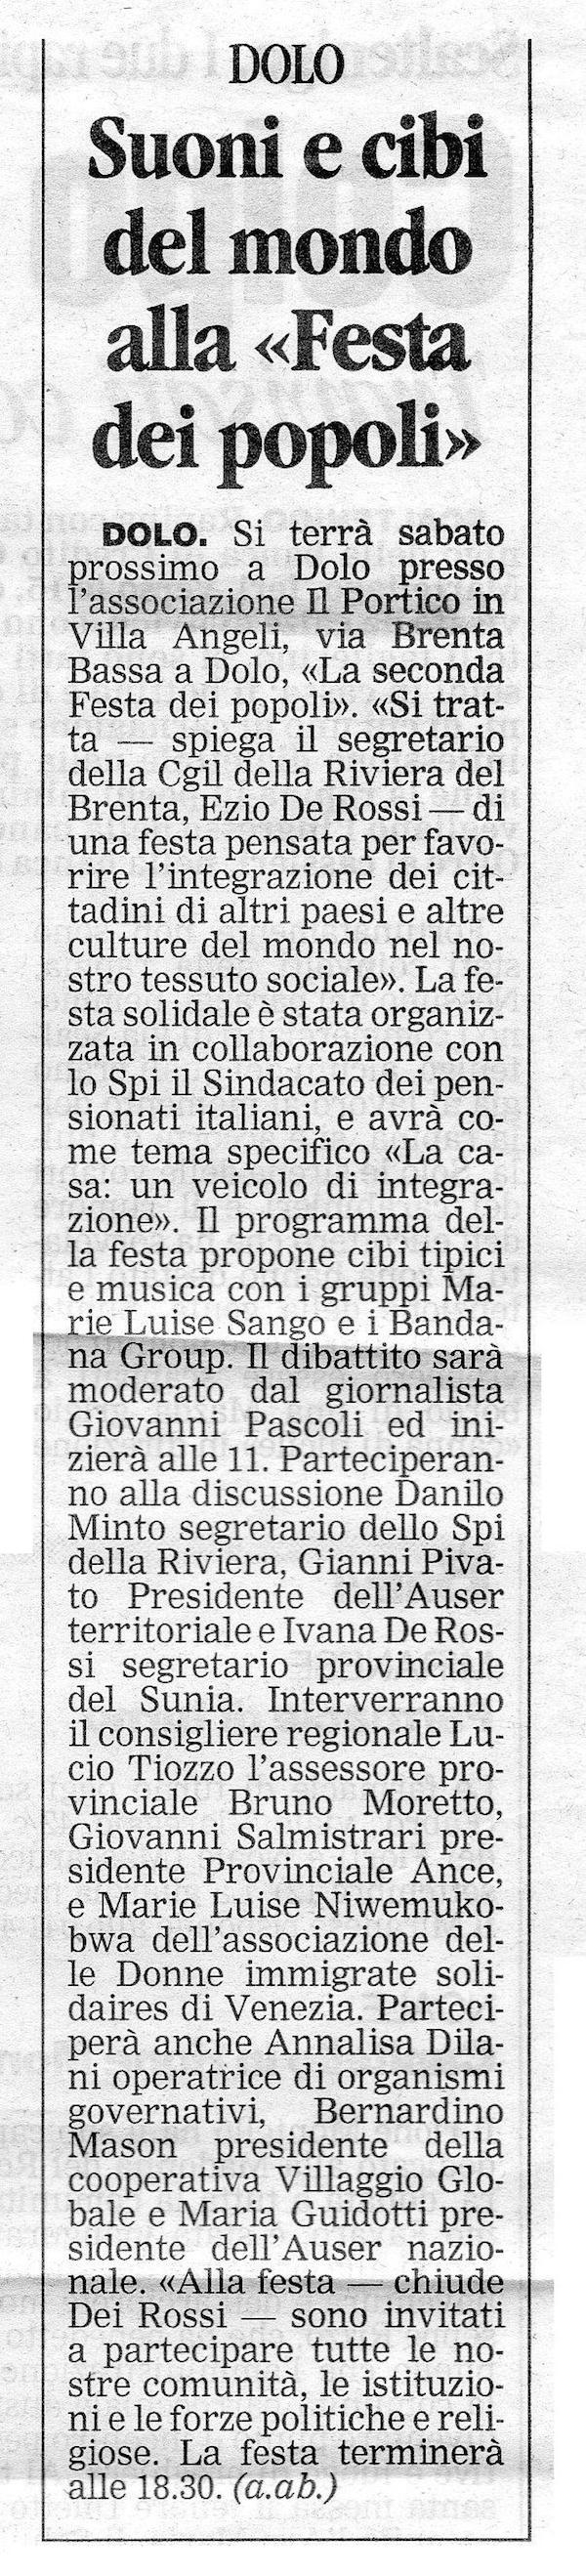 2003.09.19 La Nuova (p. 29)